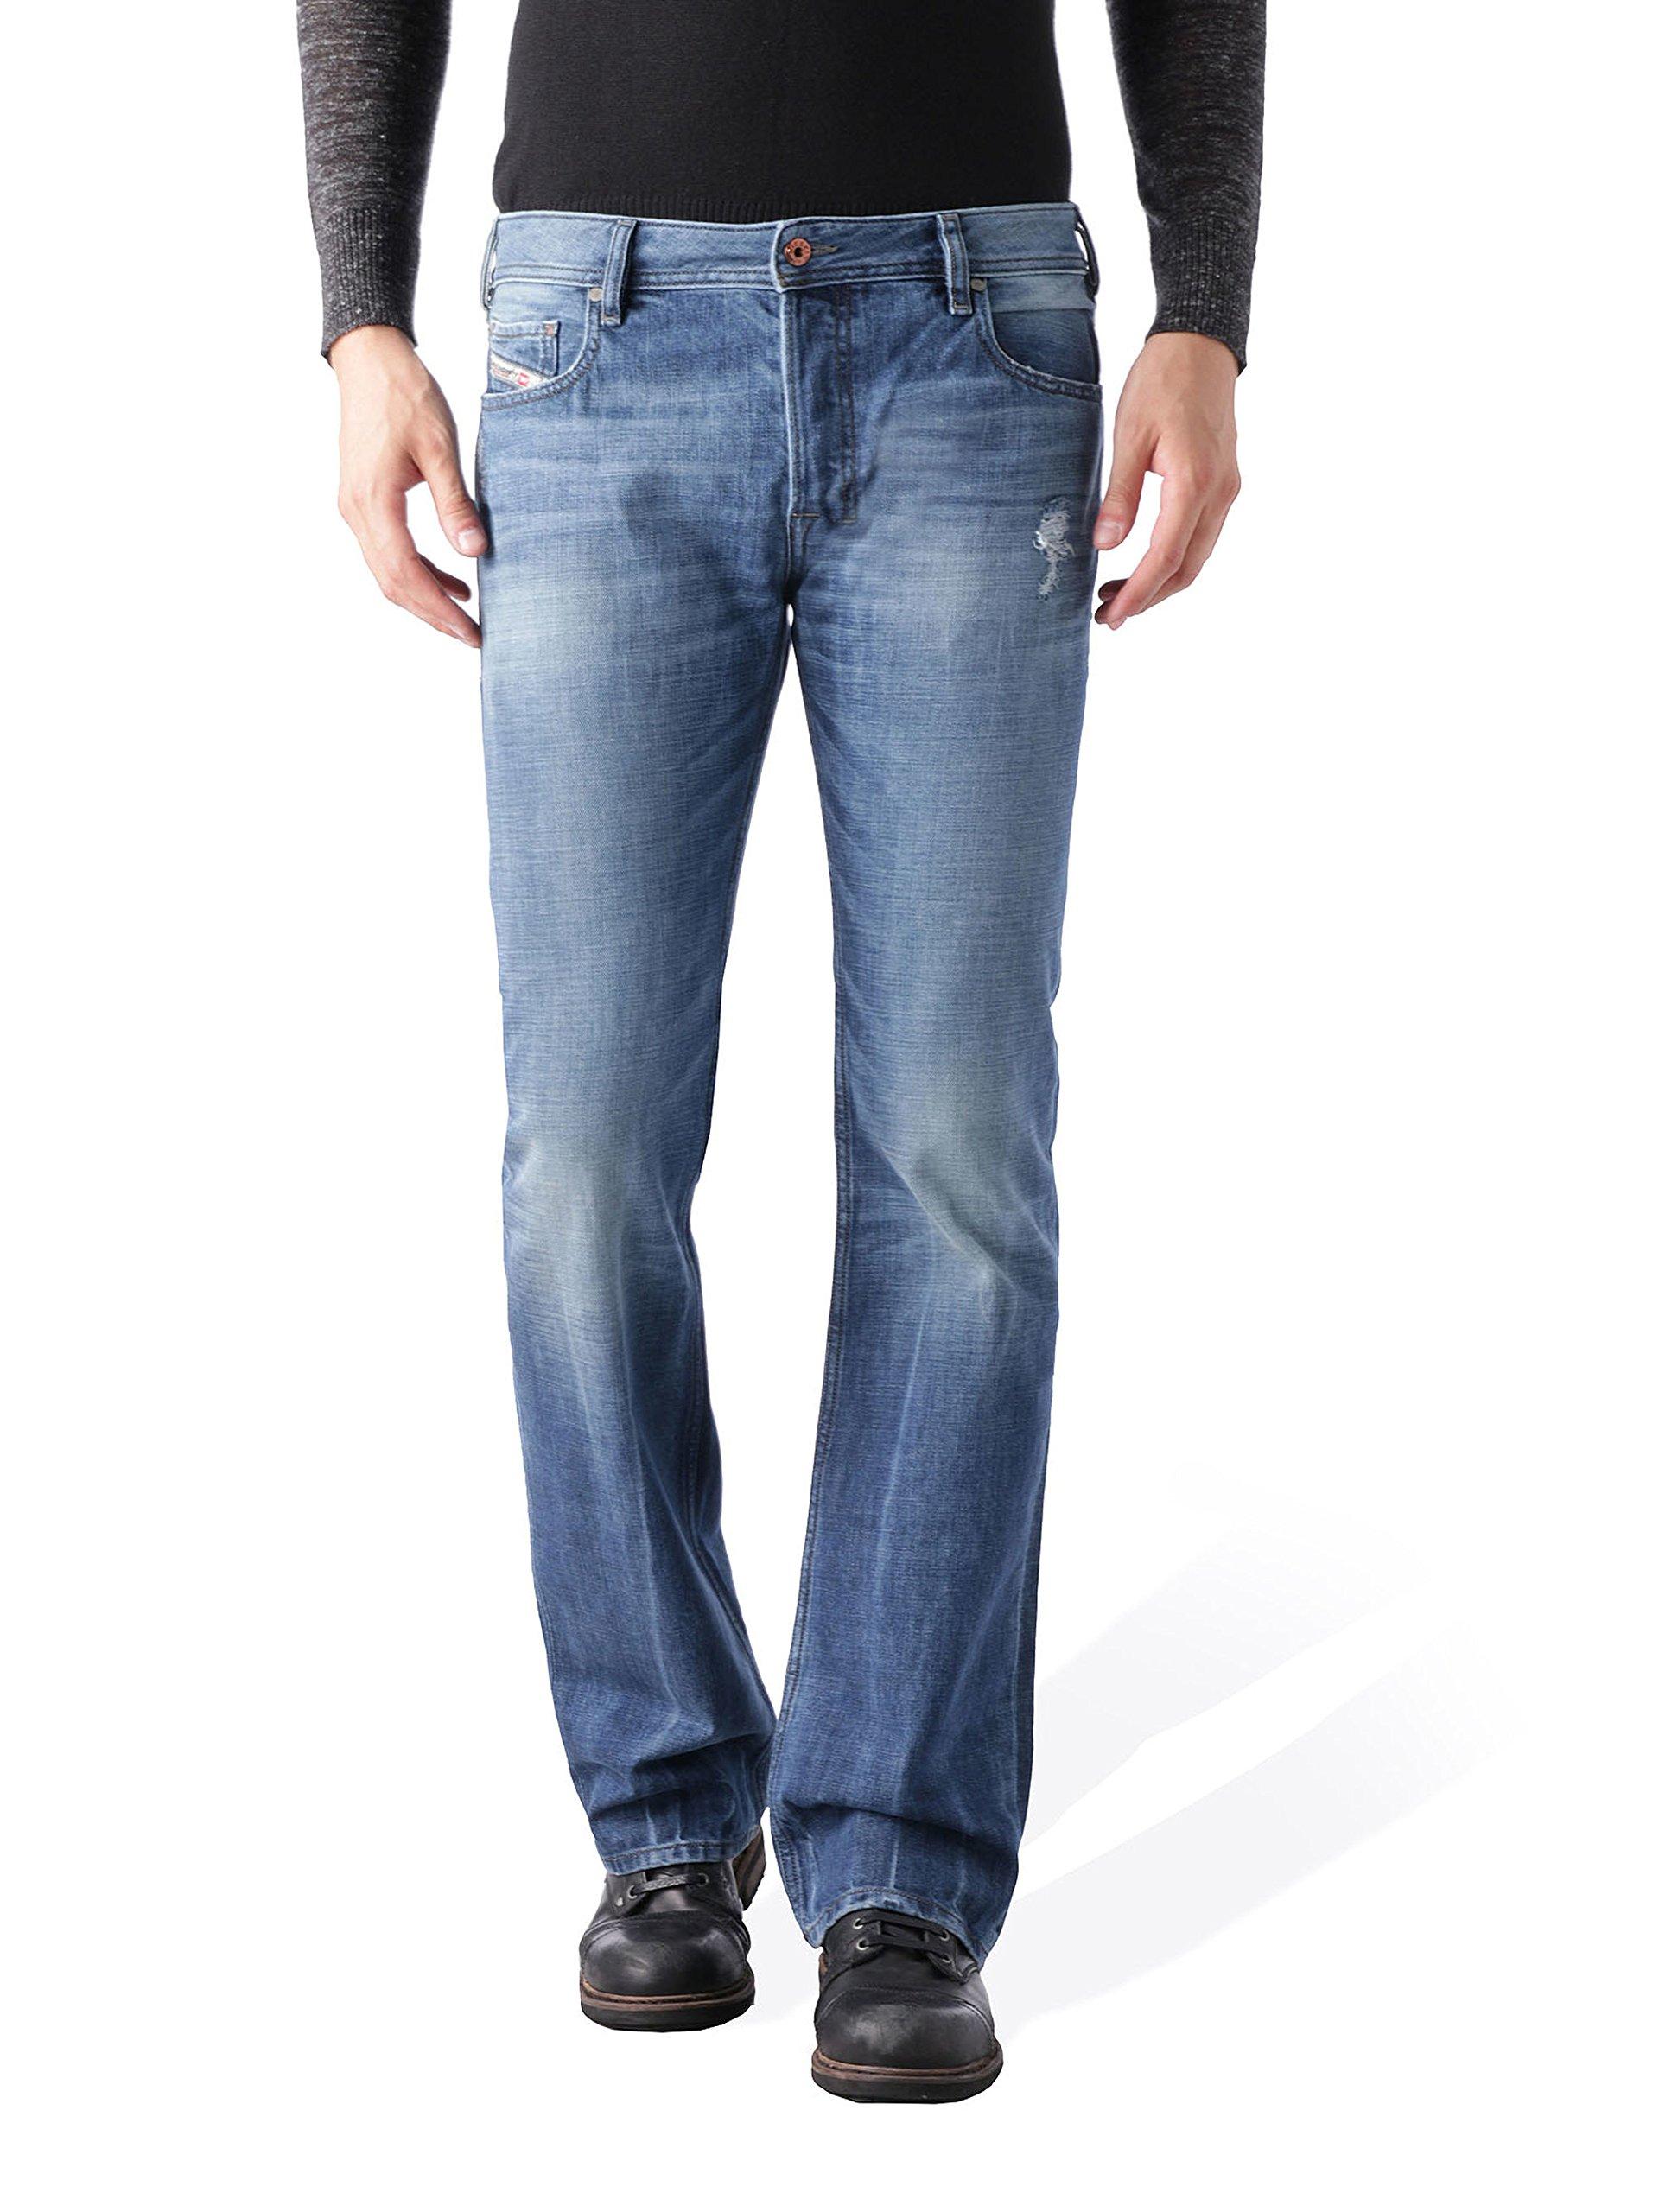 Diesel Men's Zatiny Slim Micro-Bootcut Jean  0UB89, Denim, 30x32